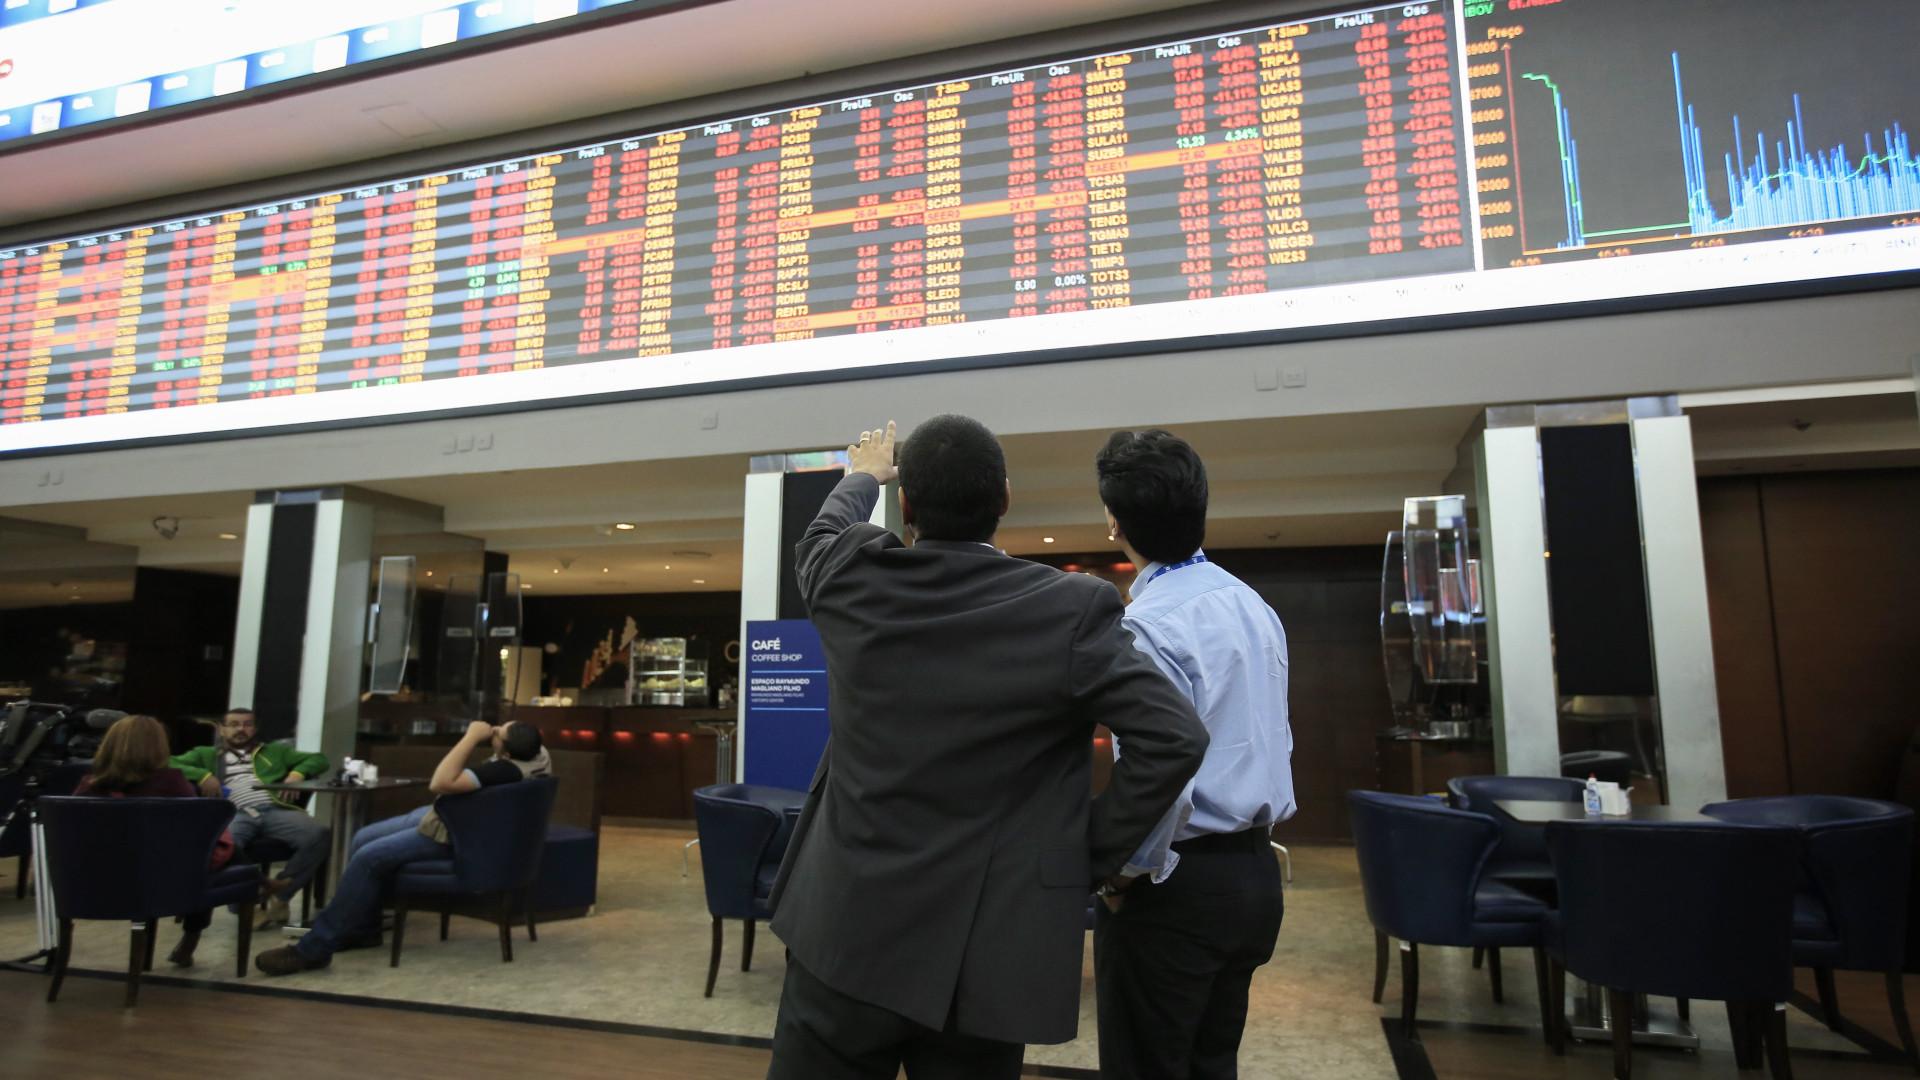 Bolsa brasileira dispara mais de 6% animada com resultado das eleições